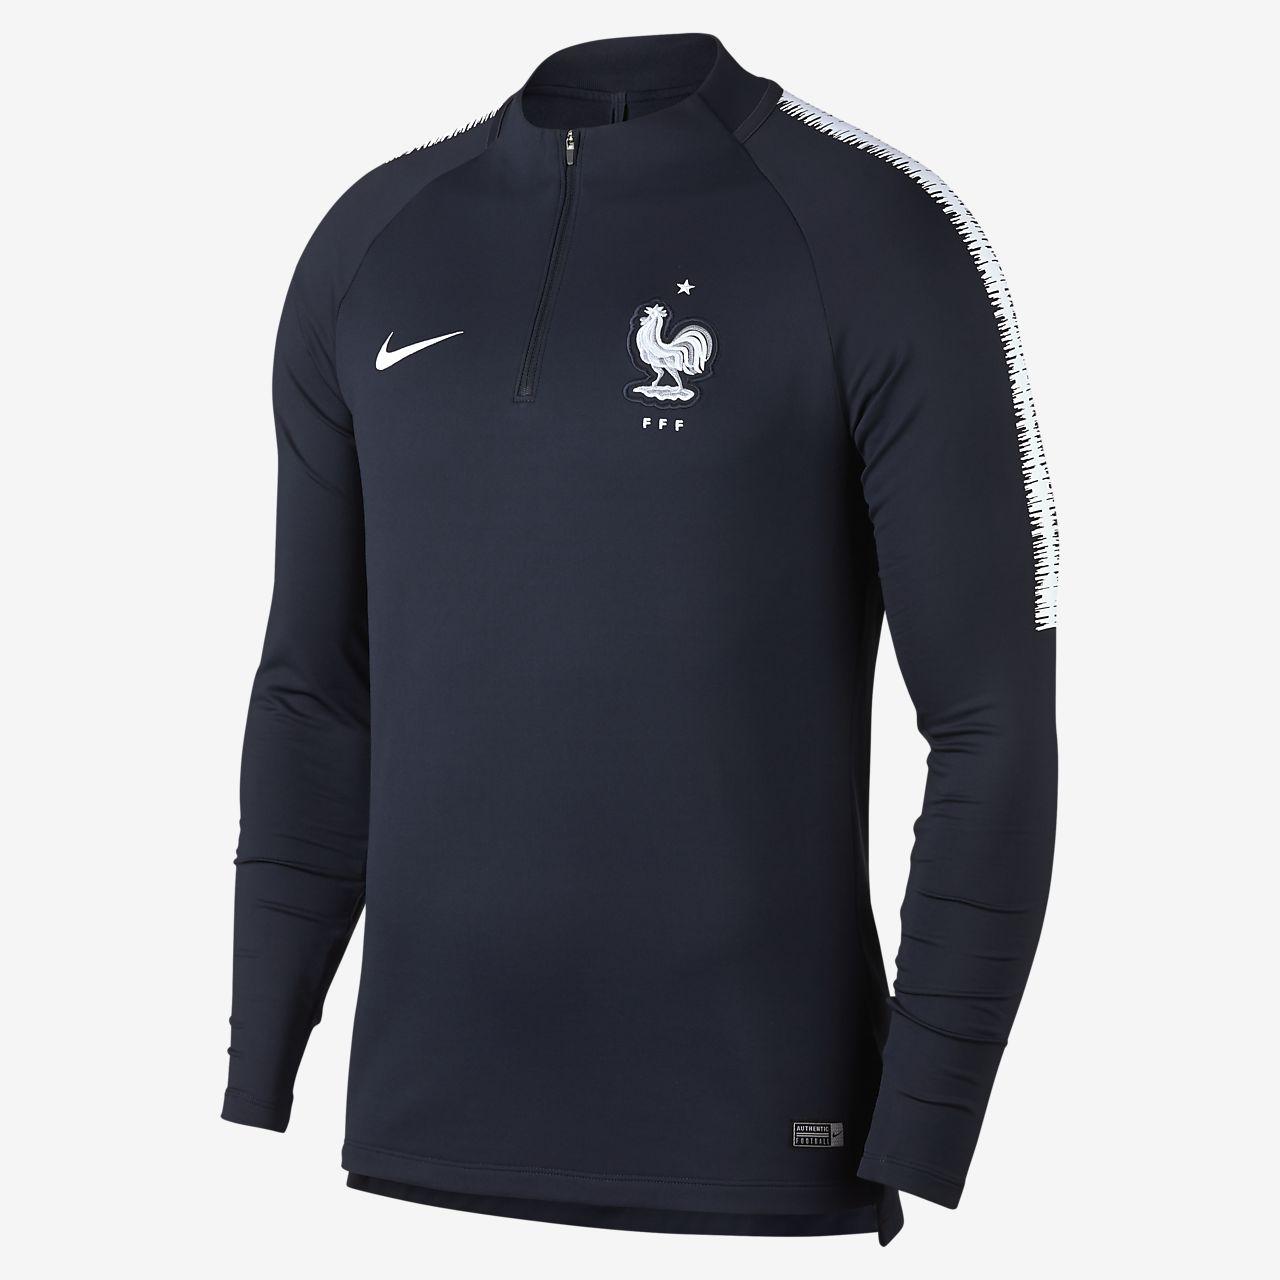 Męska koszulka piłkarska z długim rękawem FFF Dri-FIT Squad Drill